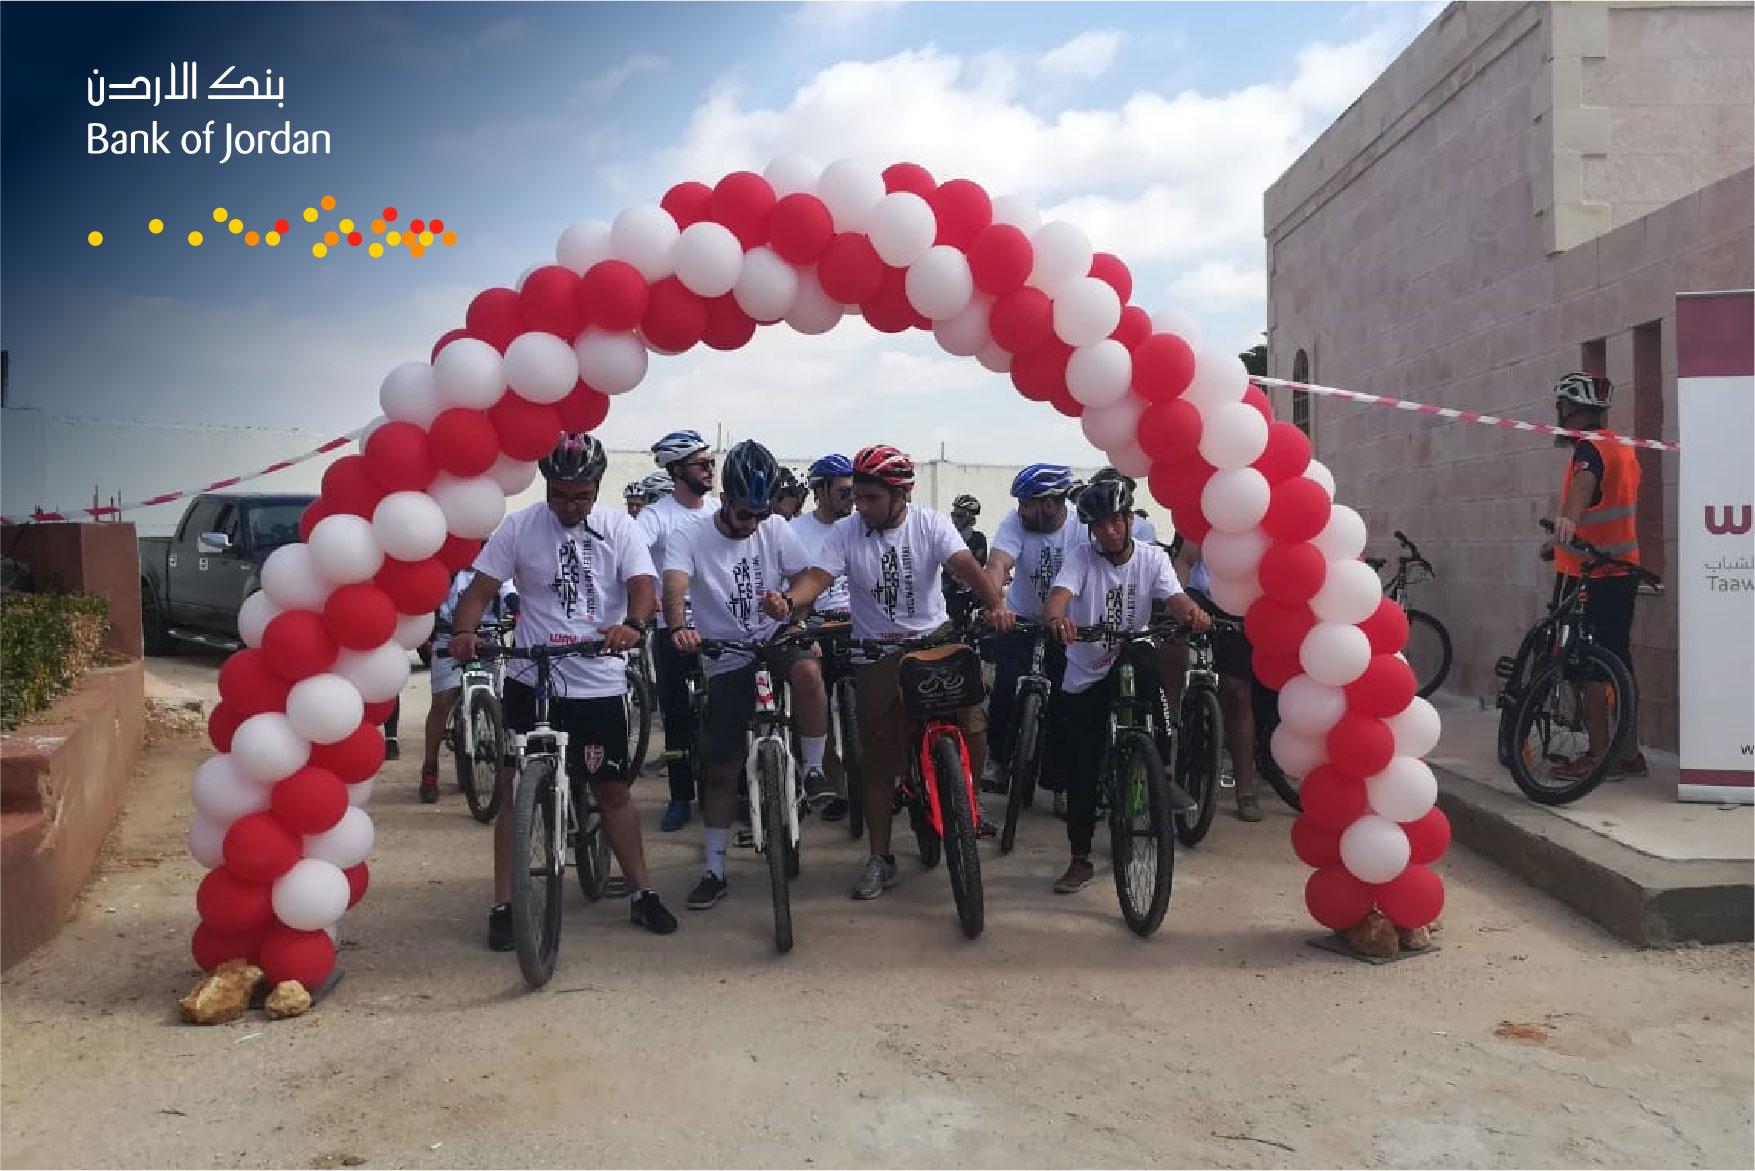 """بنك الأردن الراعي البلاتيني لمهرجان ركوب الدراجات الهوائية Cycling 4 Palestine """" """""""